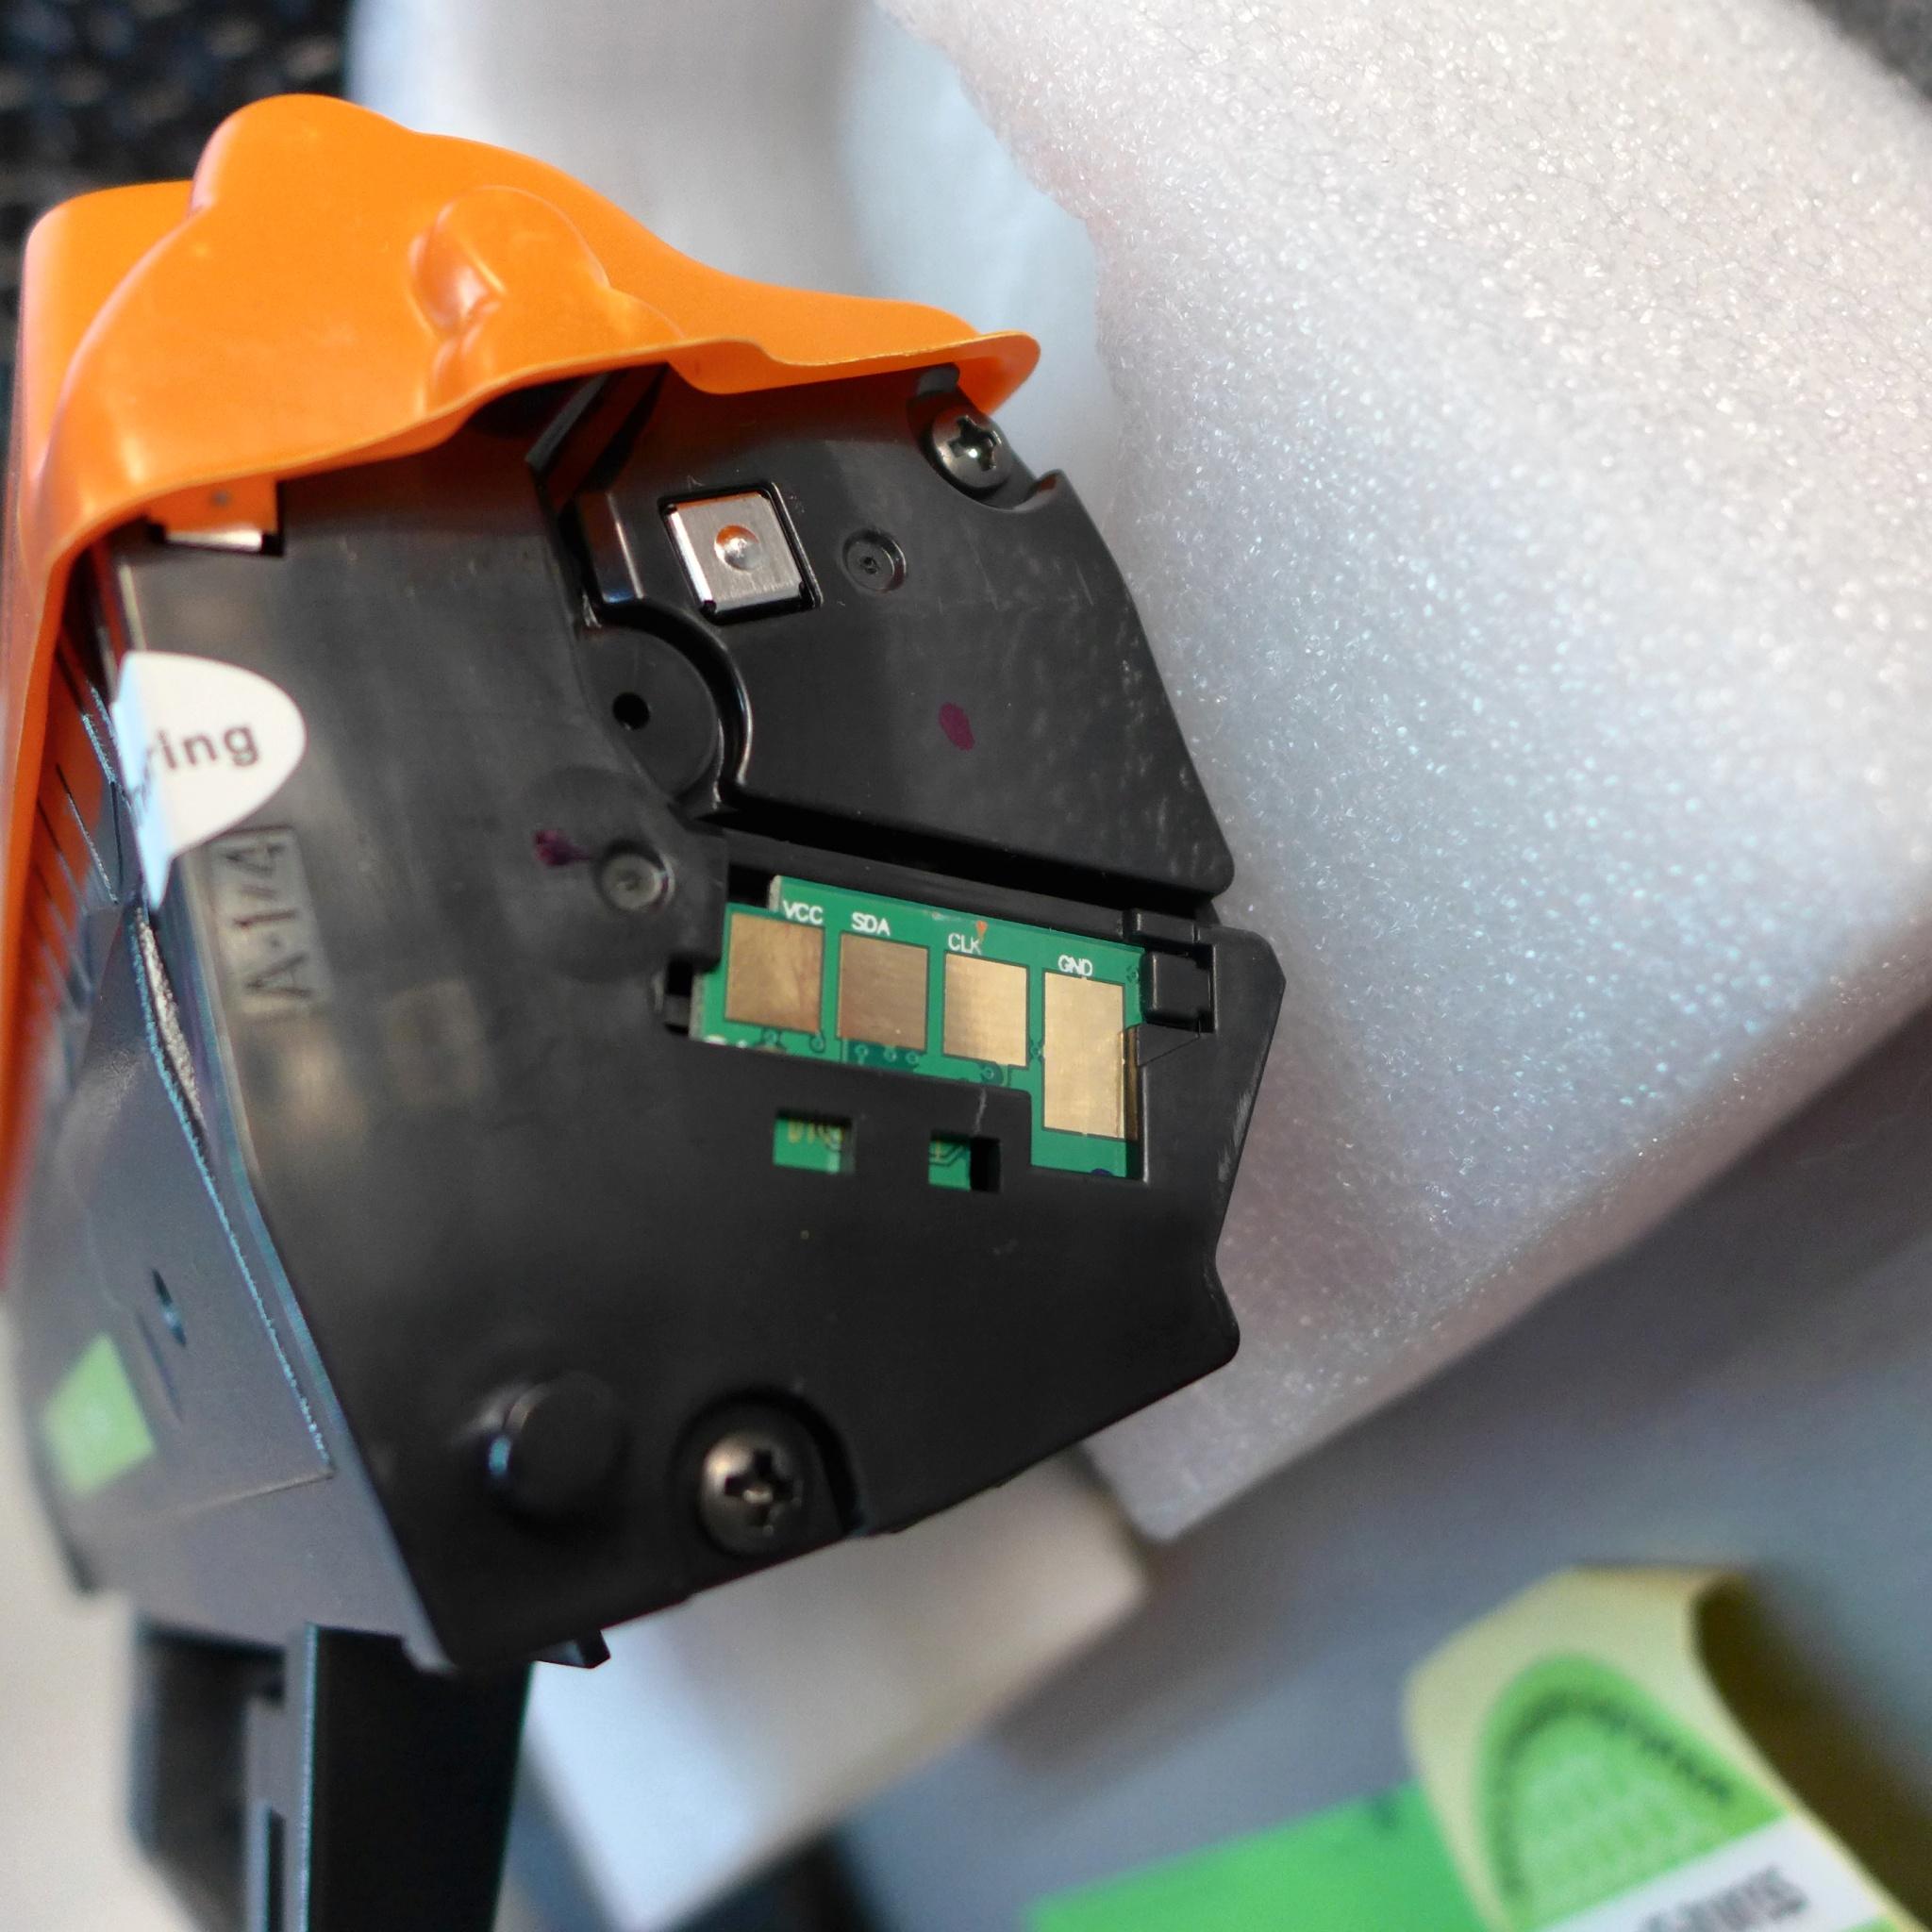 инструкция разборки принтера самсунг 3405